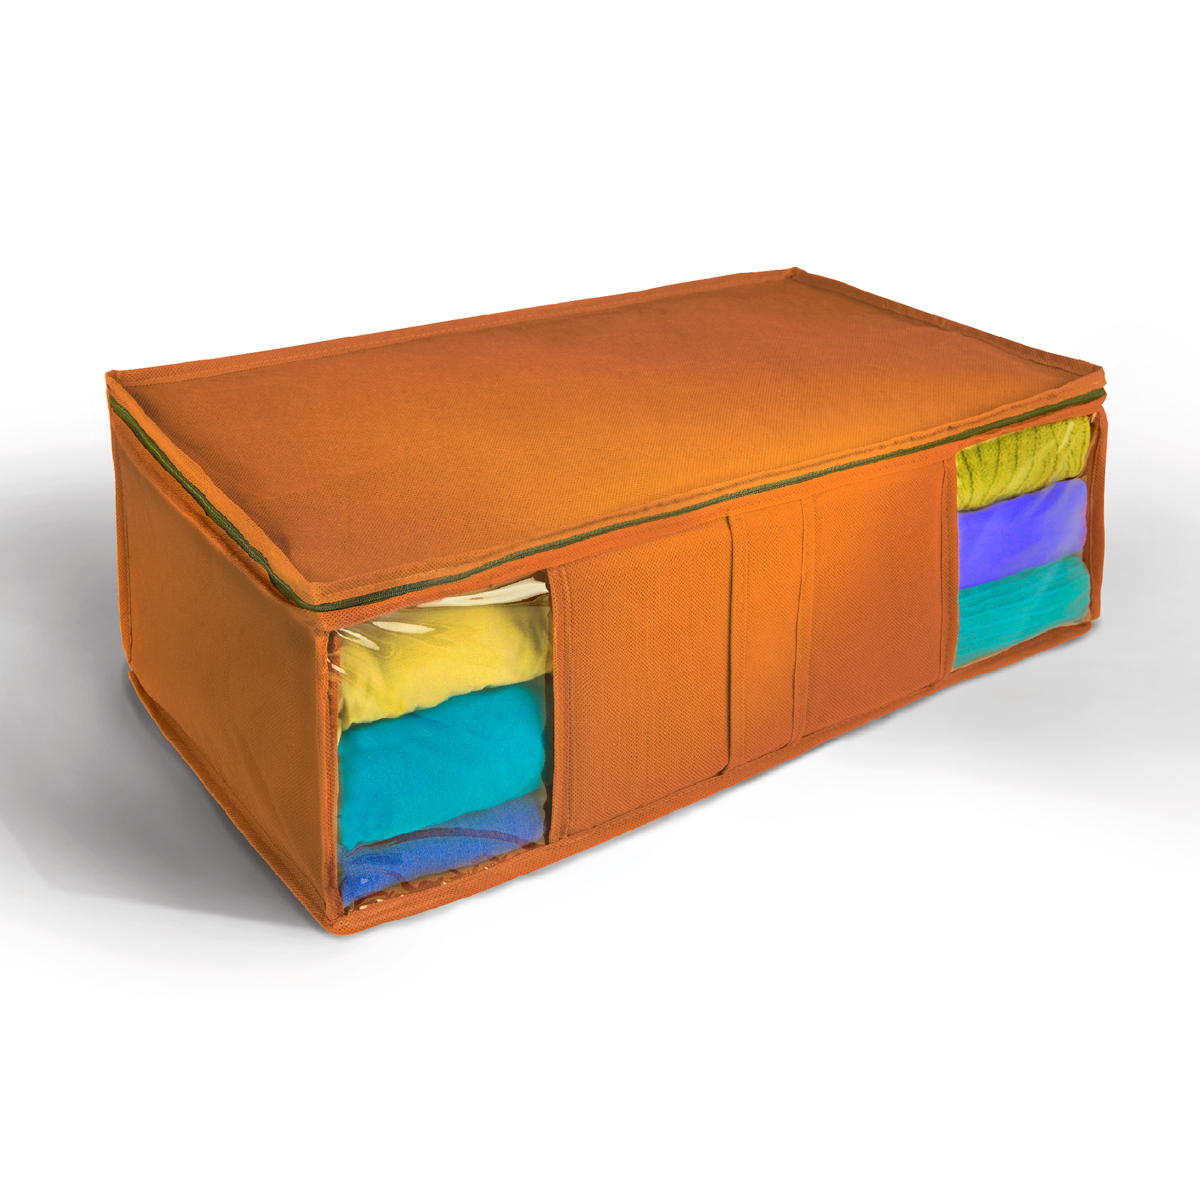 Кофр для хранения Miolla, складной, цвет: оранжевый, 60 х 30 х 20 смCHL-10-5Компактный складной кофр Miolla изготовлен из высококачественногонетканого материала, которыйобеспечивает естественную вентиляцию, позволяя воздуху проникать внутрь,но не пропускает пыль. Изделие закрывается на молнию. Размер кофра (в собранном виде): 60 x 30 x 20 см.